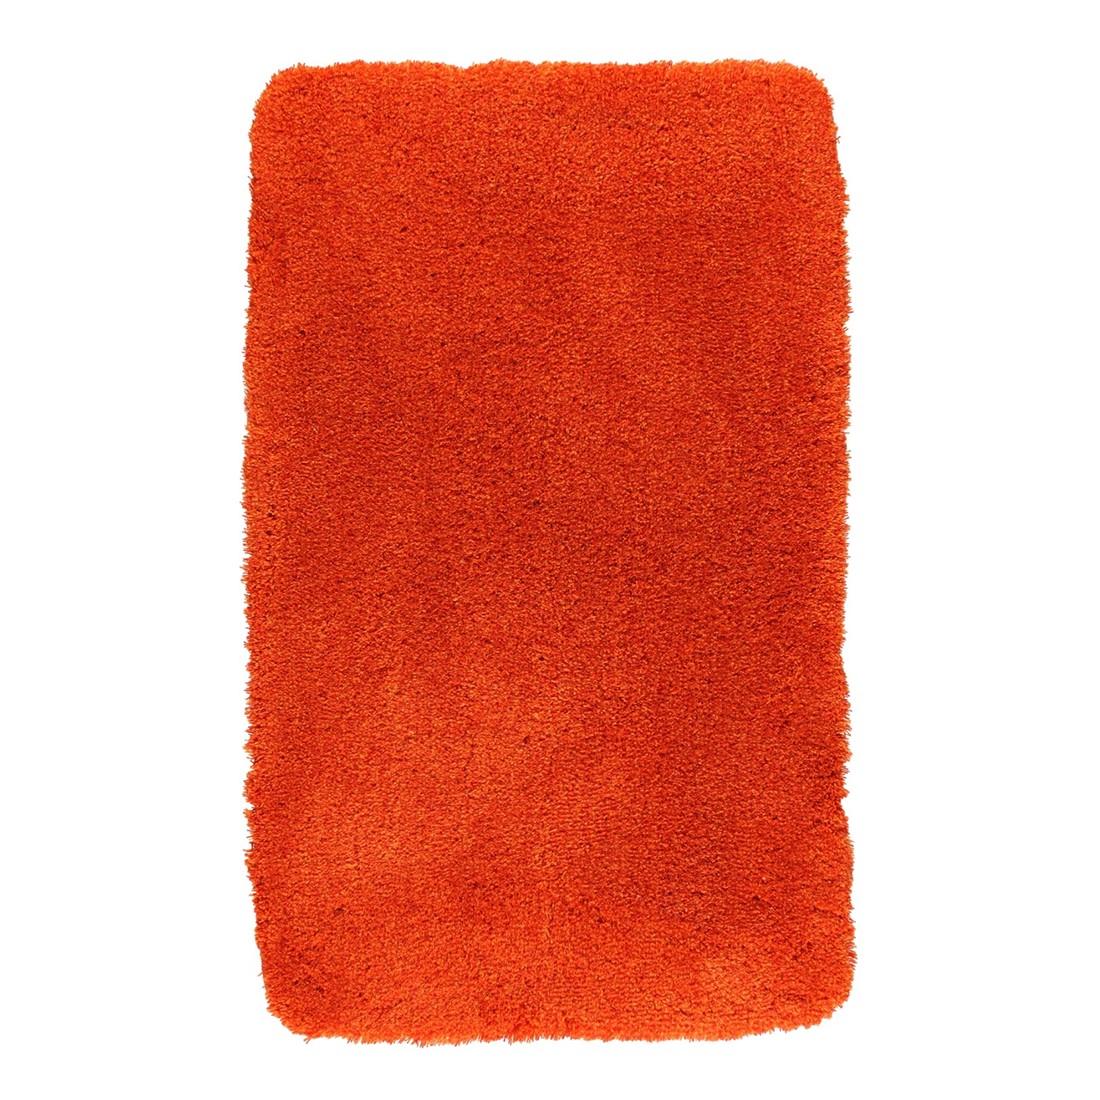 Badteppich Relax – 100% Polyacryl Tomate – 477 – 70 x 120 cm, Kleine Wolke günstig online kaufen